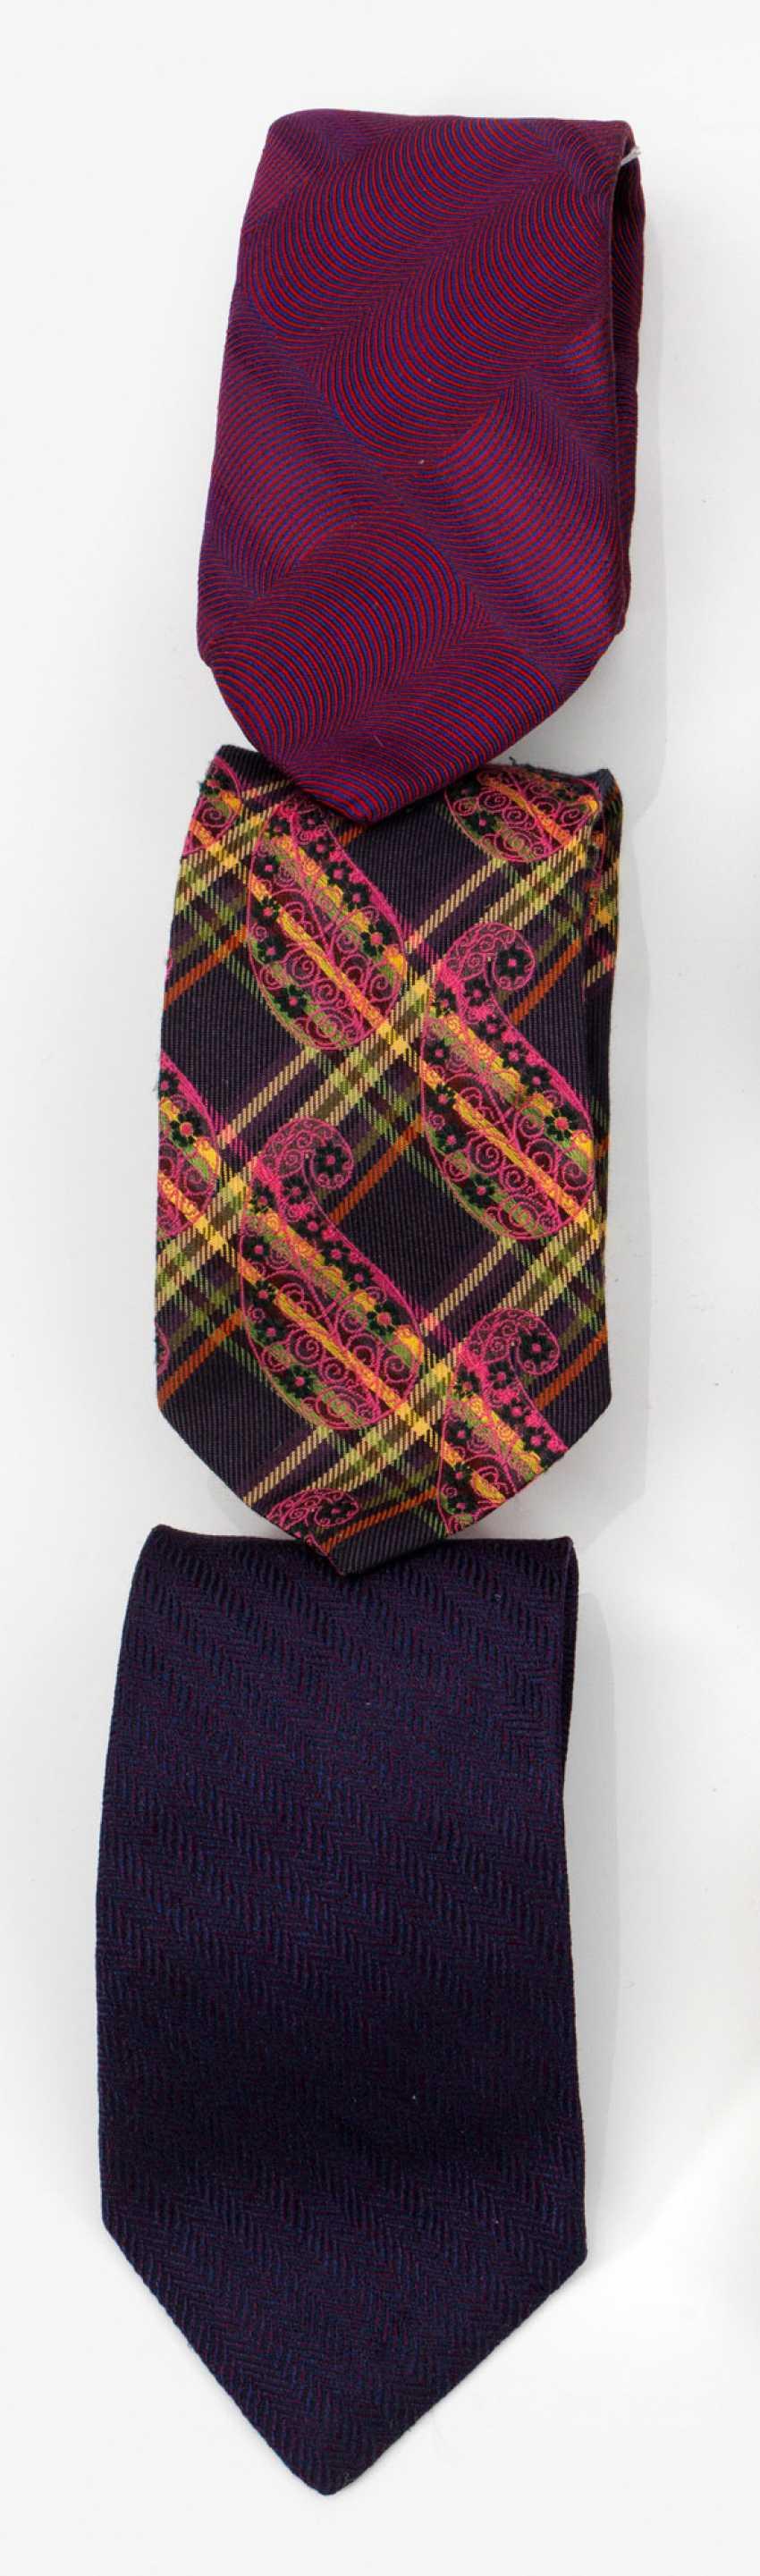 Три галстуки ETRO и Valentino - фото 1